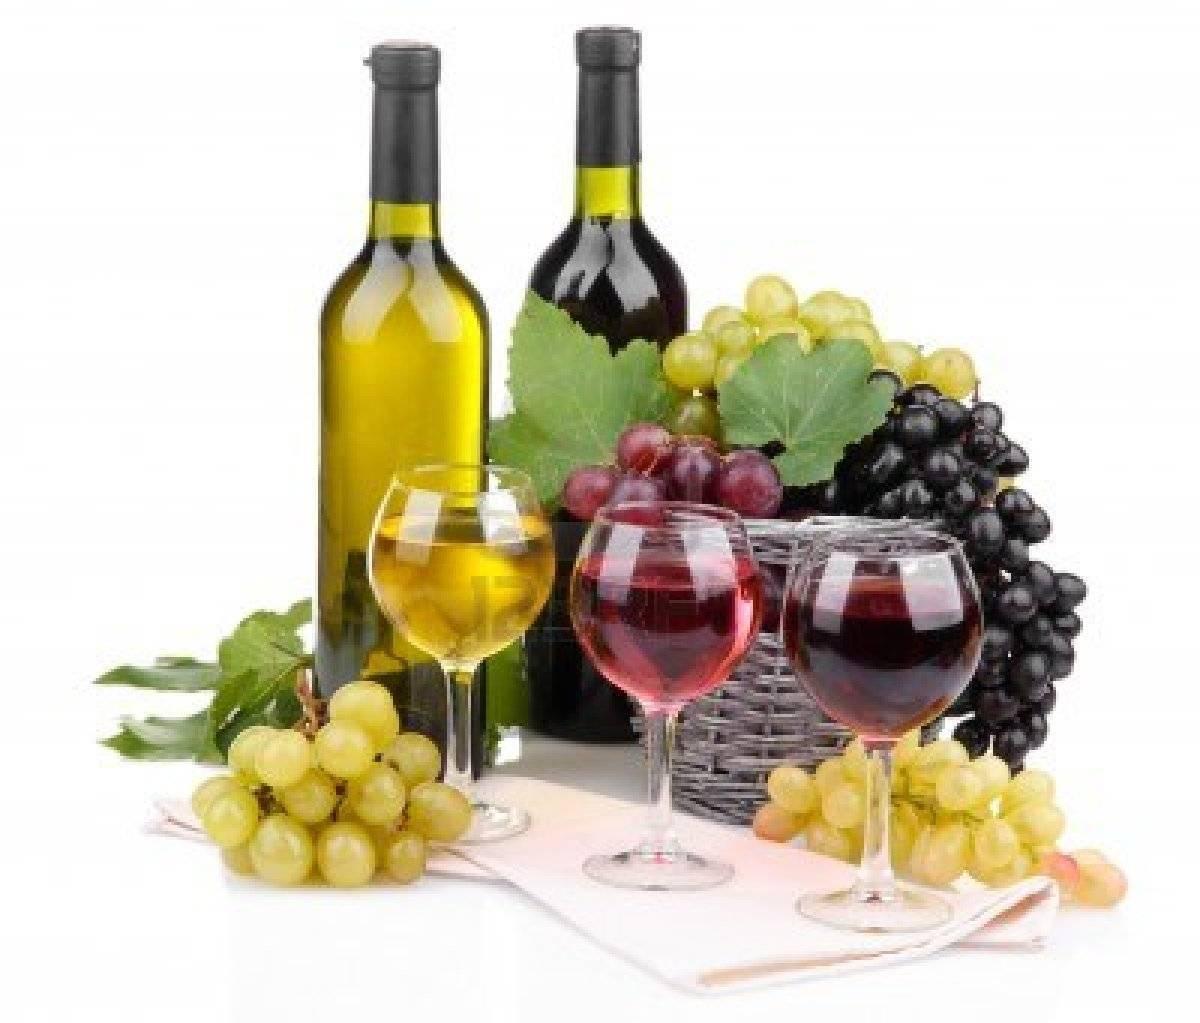 Топ-10 лучших фруктов и ягод для домашнего вина - надежная подборка